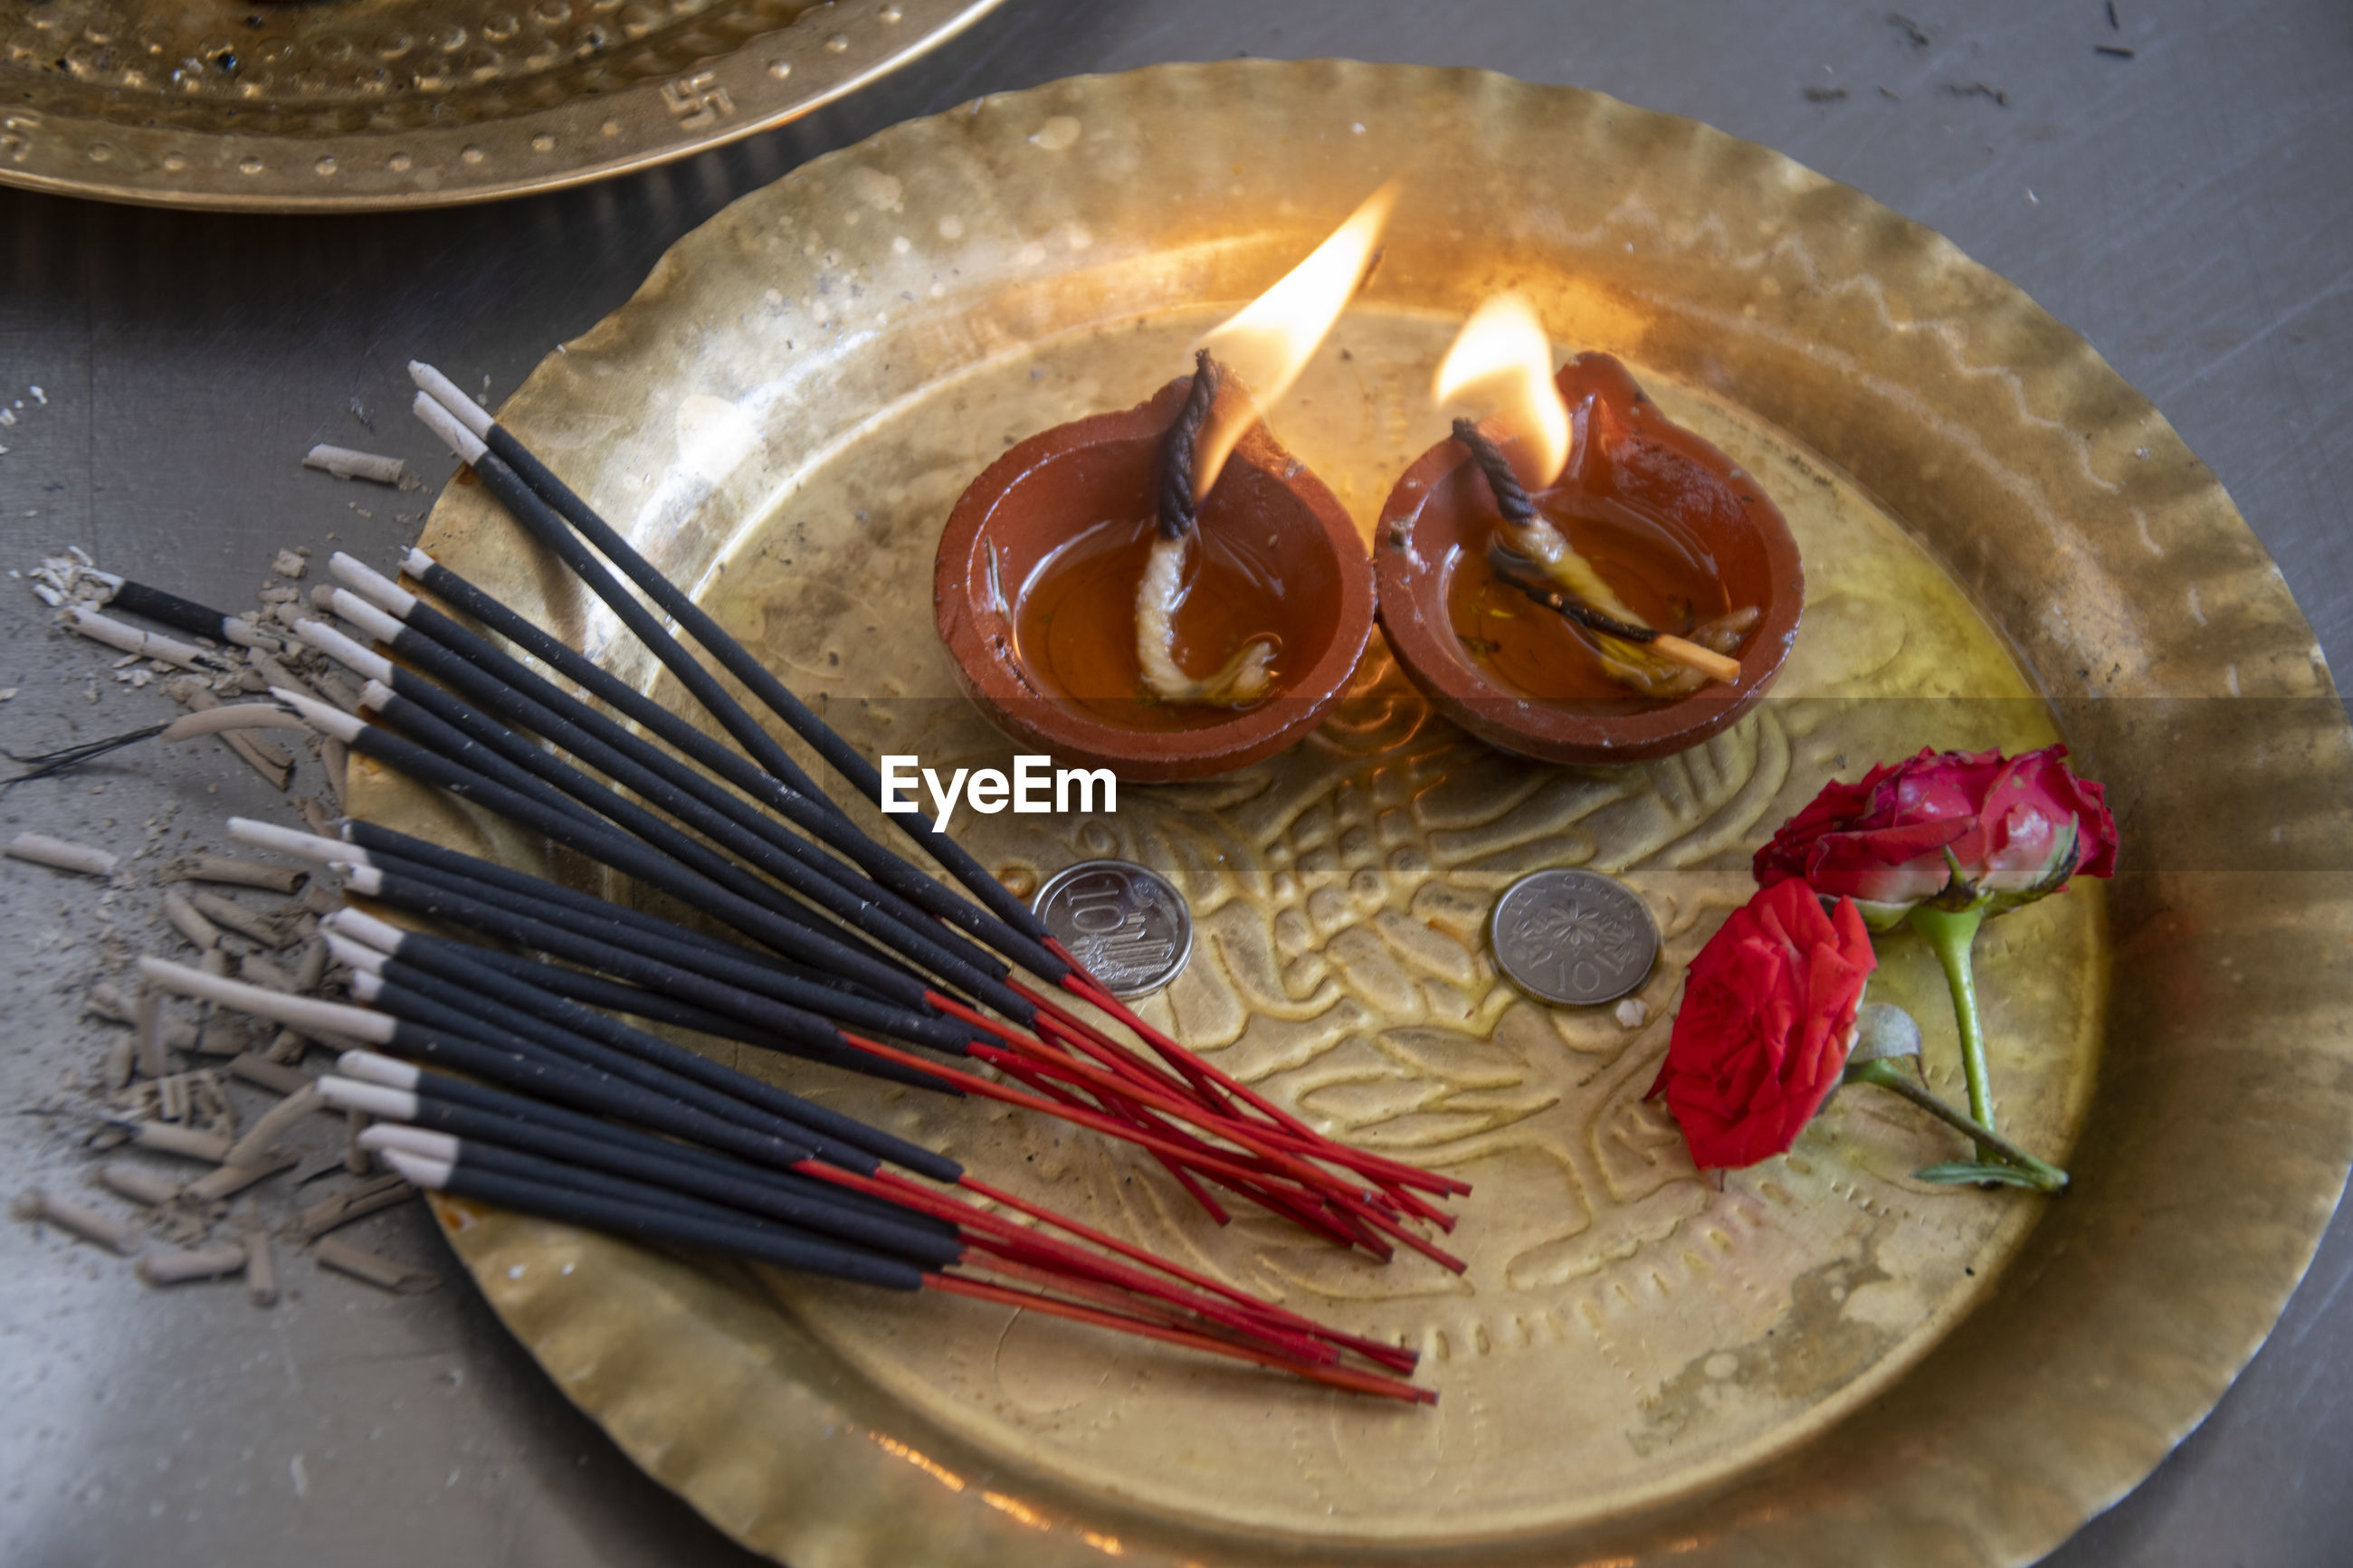 High angle view of lit diya and incense sticks on plate